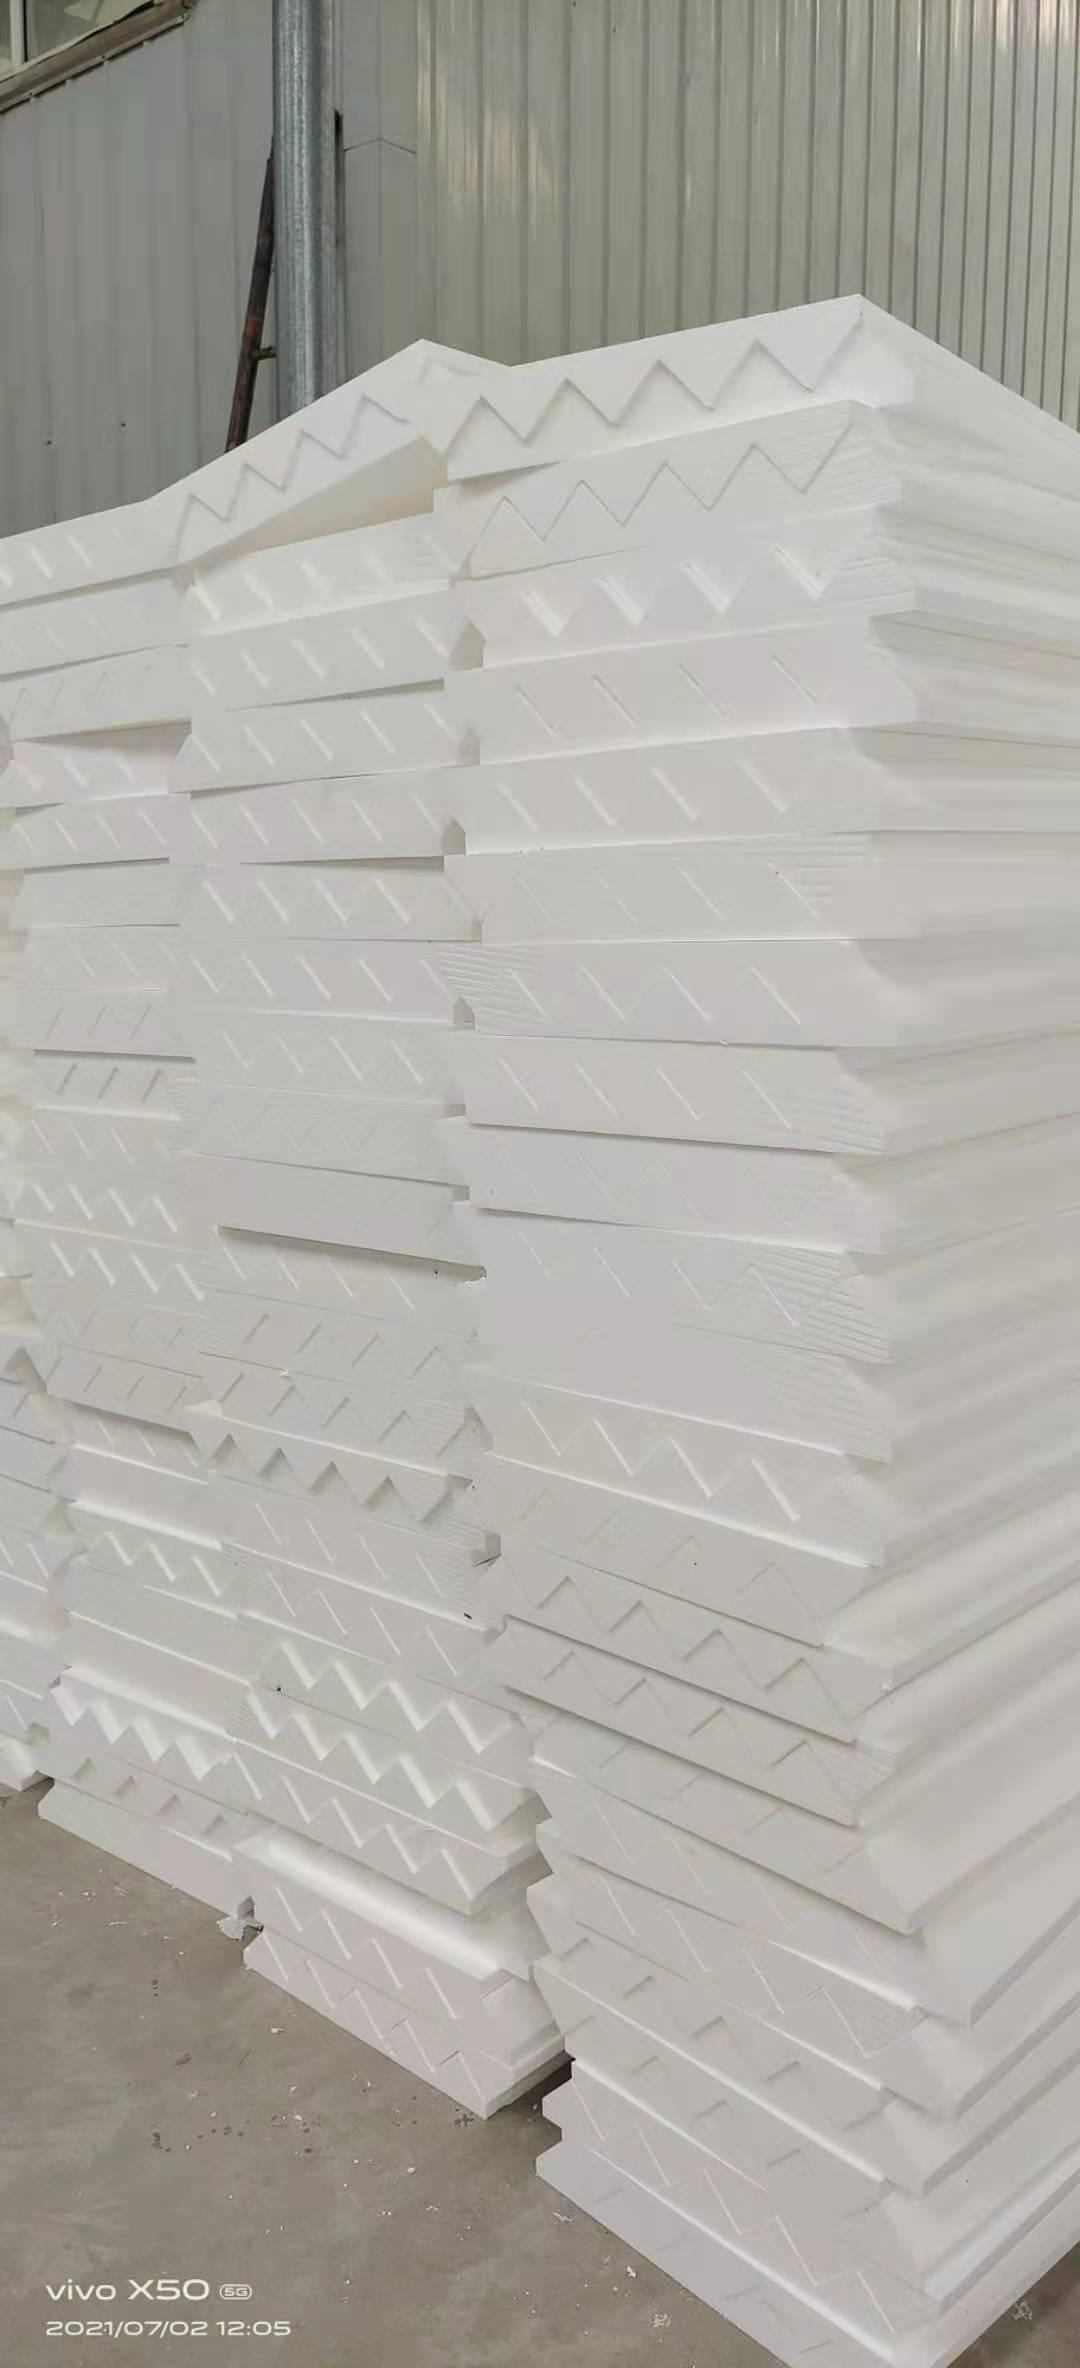 小编给大家介绍:挤塑板、泡沫板、玻璃棉板、岩棉板、聚氨酯板等保温板的用途。